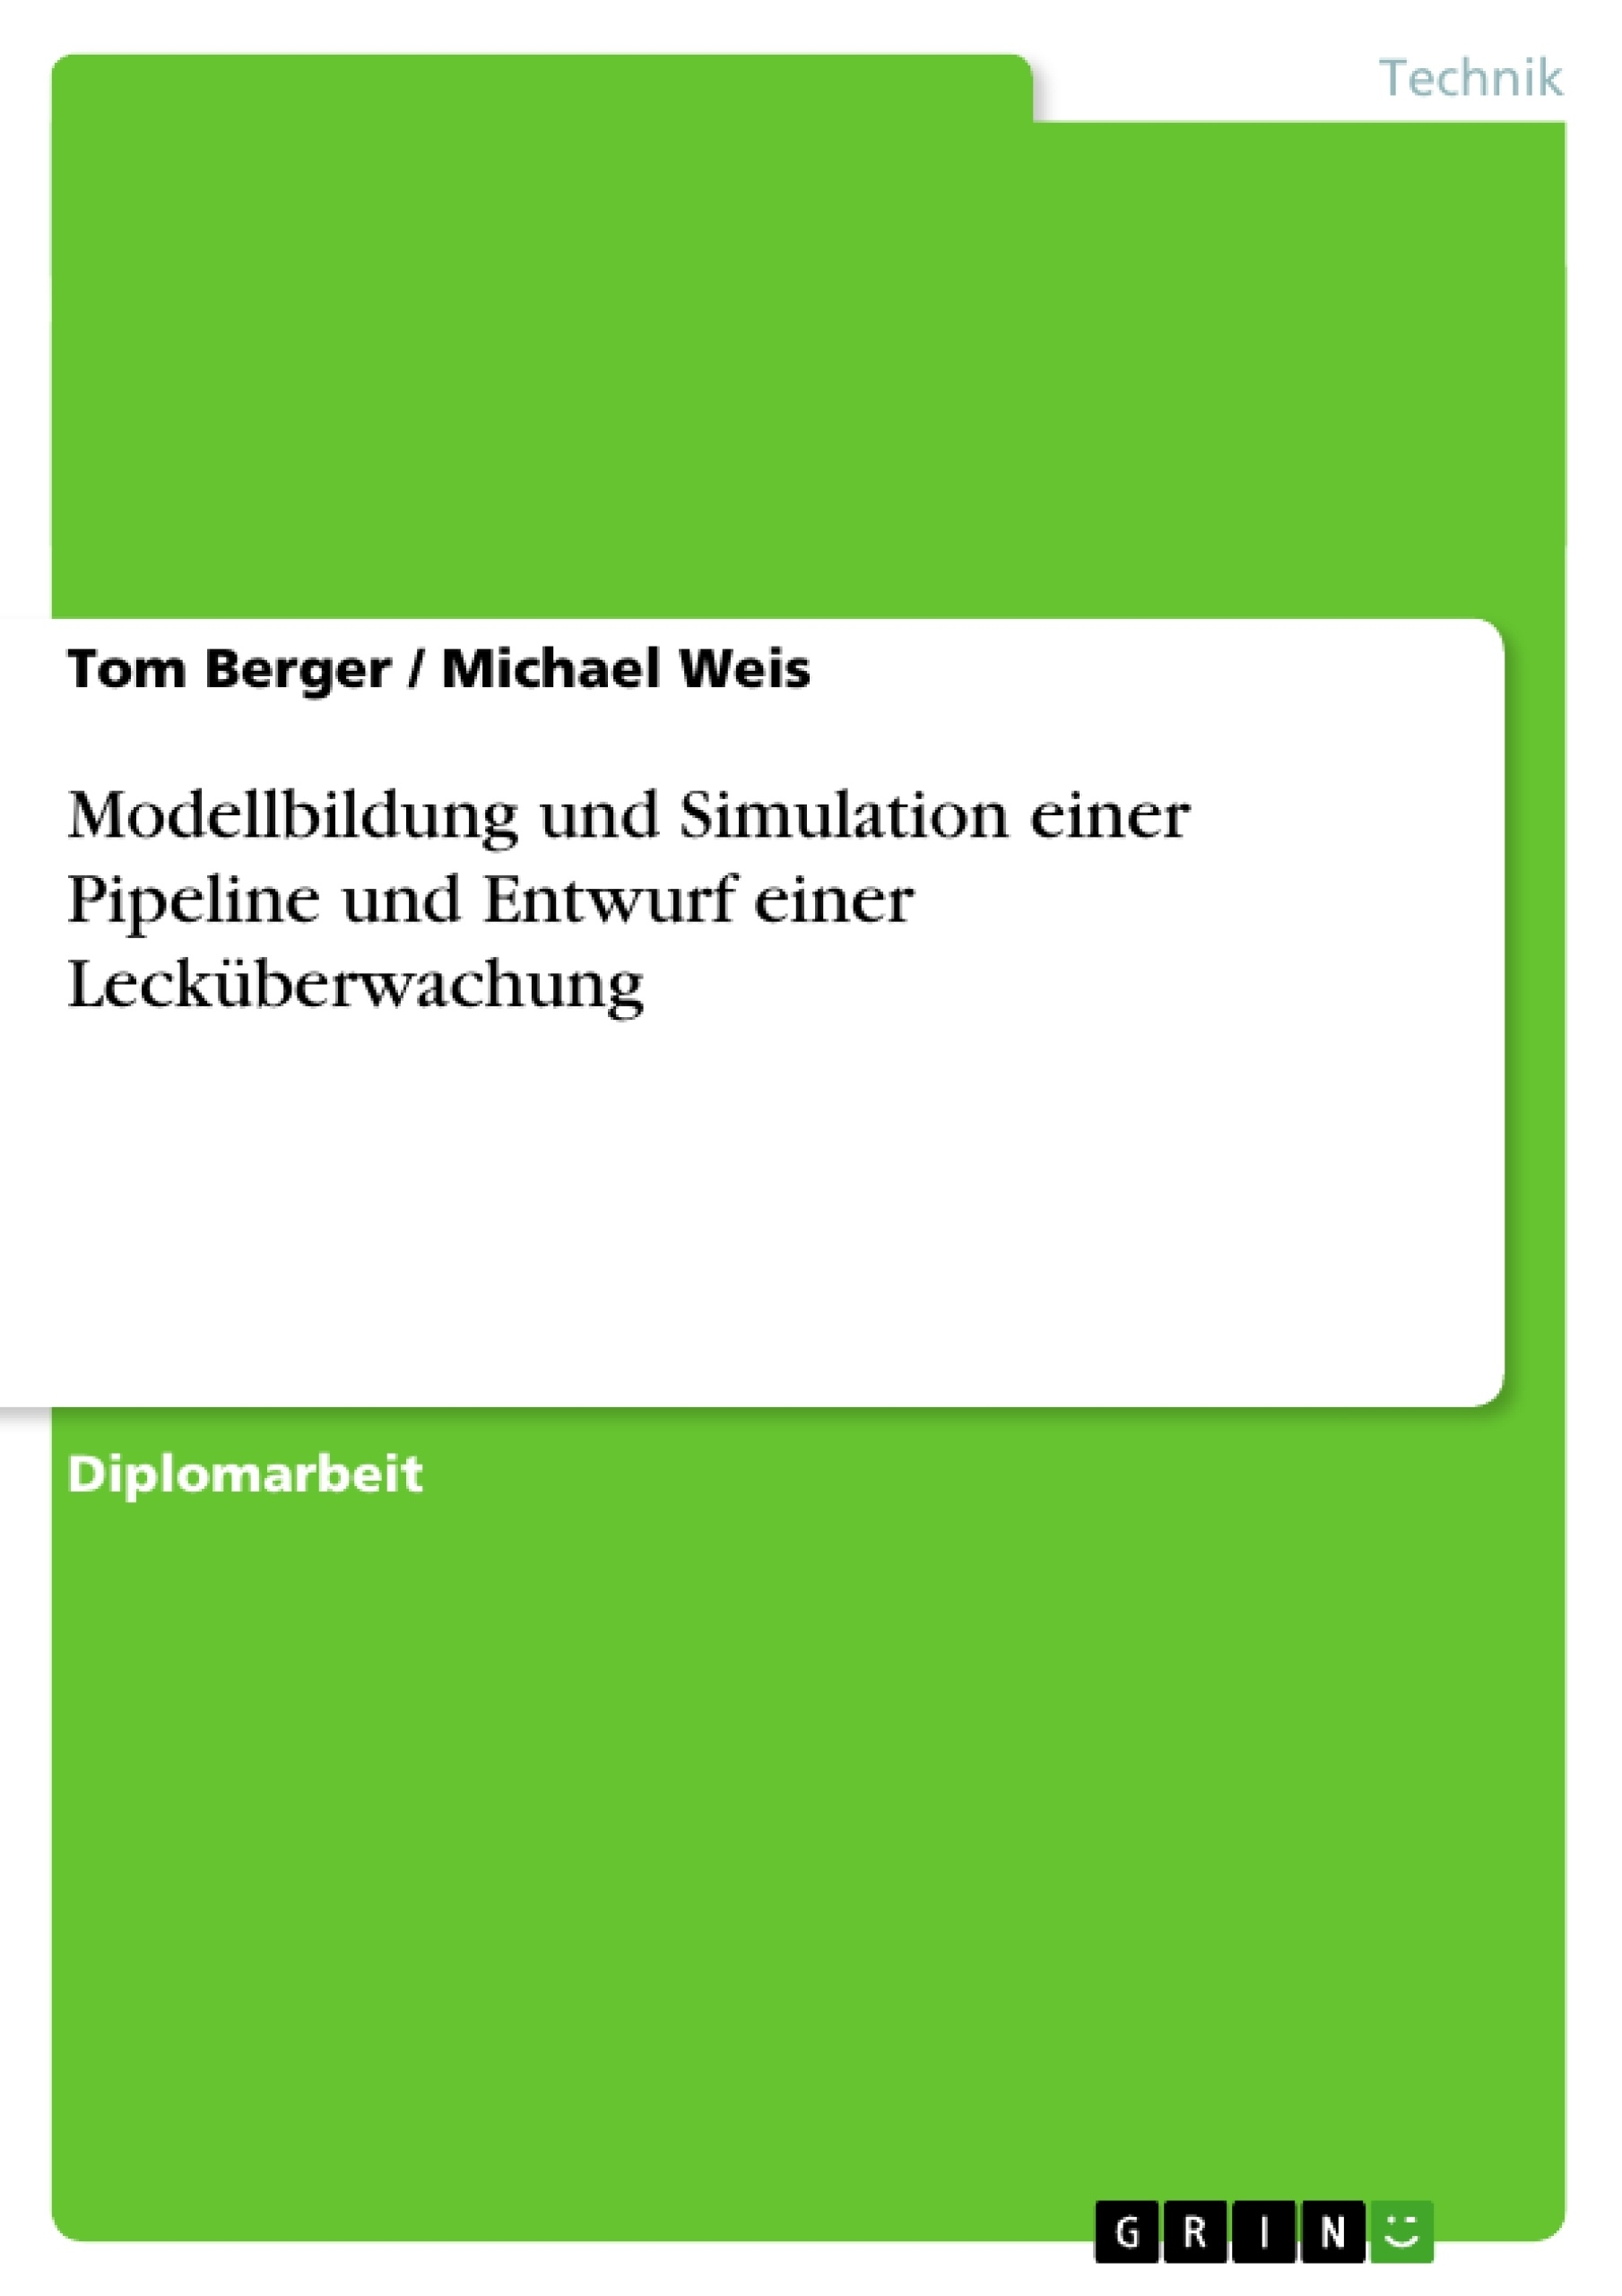 Titel: Modellbildung und Simulation einer Pipeline und Entwurf einer Lecküberwachung